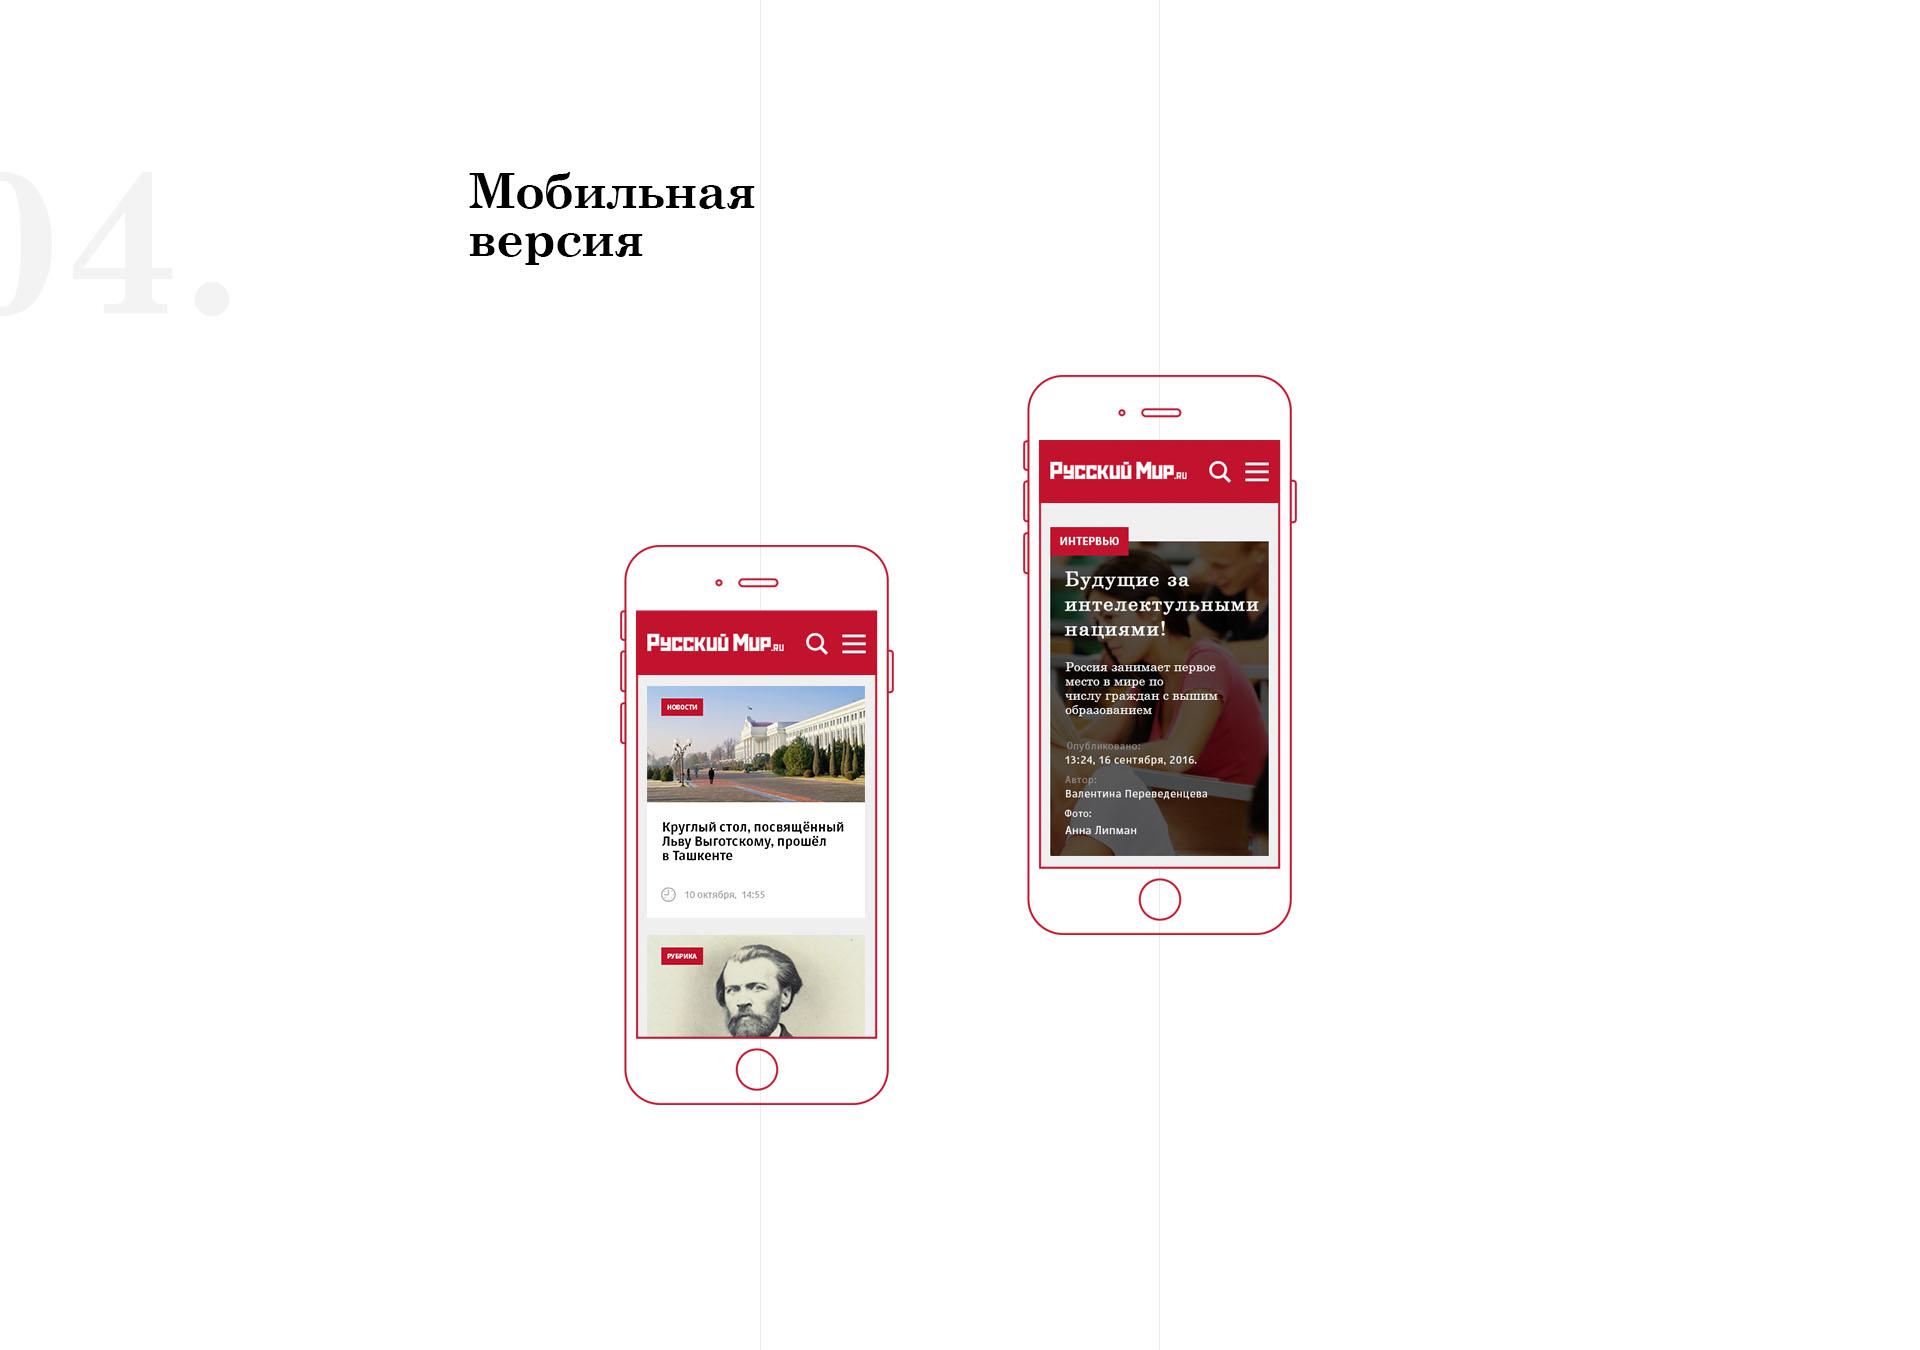 Русский мир четвертый экран